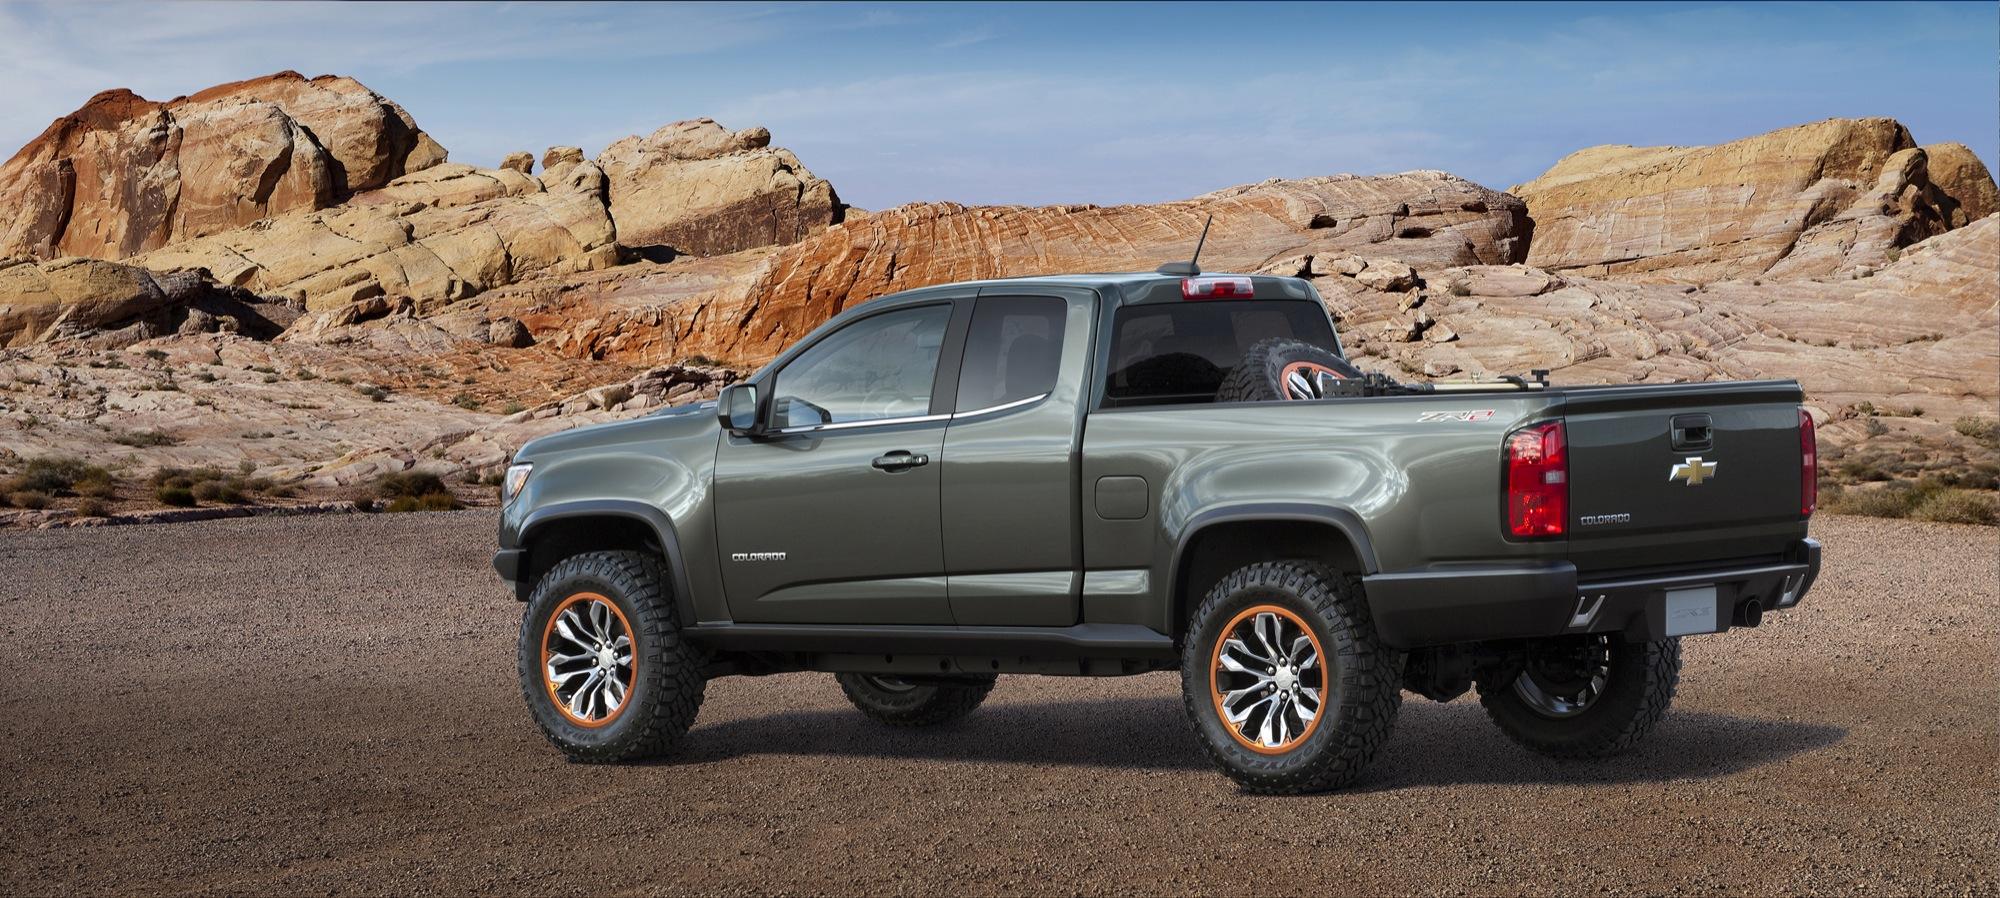 Colorado chevy colorado zr2 concept : Diesel-Powered Chevy Colorado ZR2 Concept Revealed At The 2014 Los ...